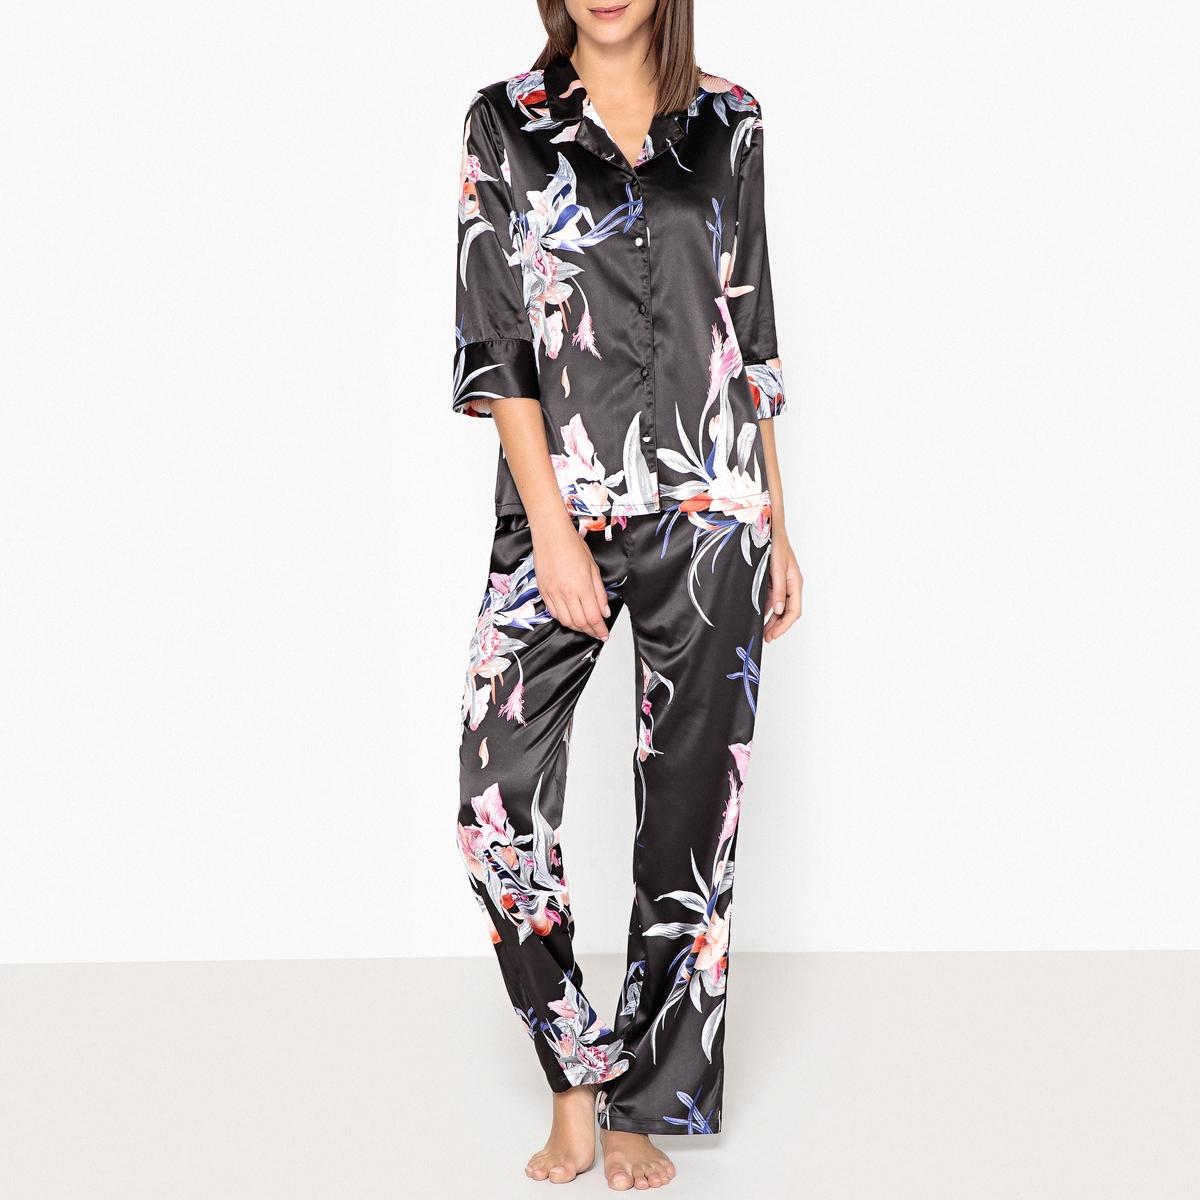 Pijama de satén con estampado de flores